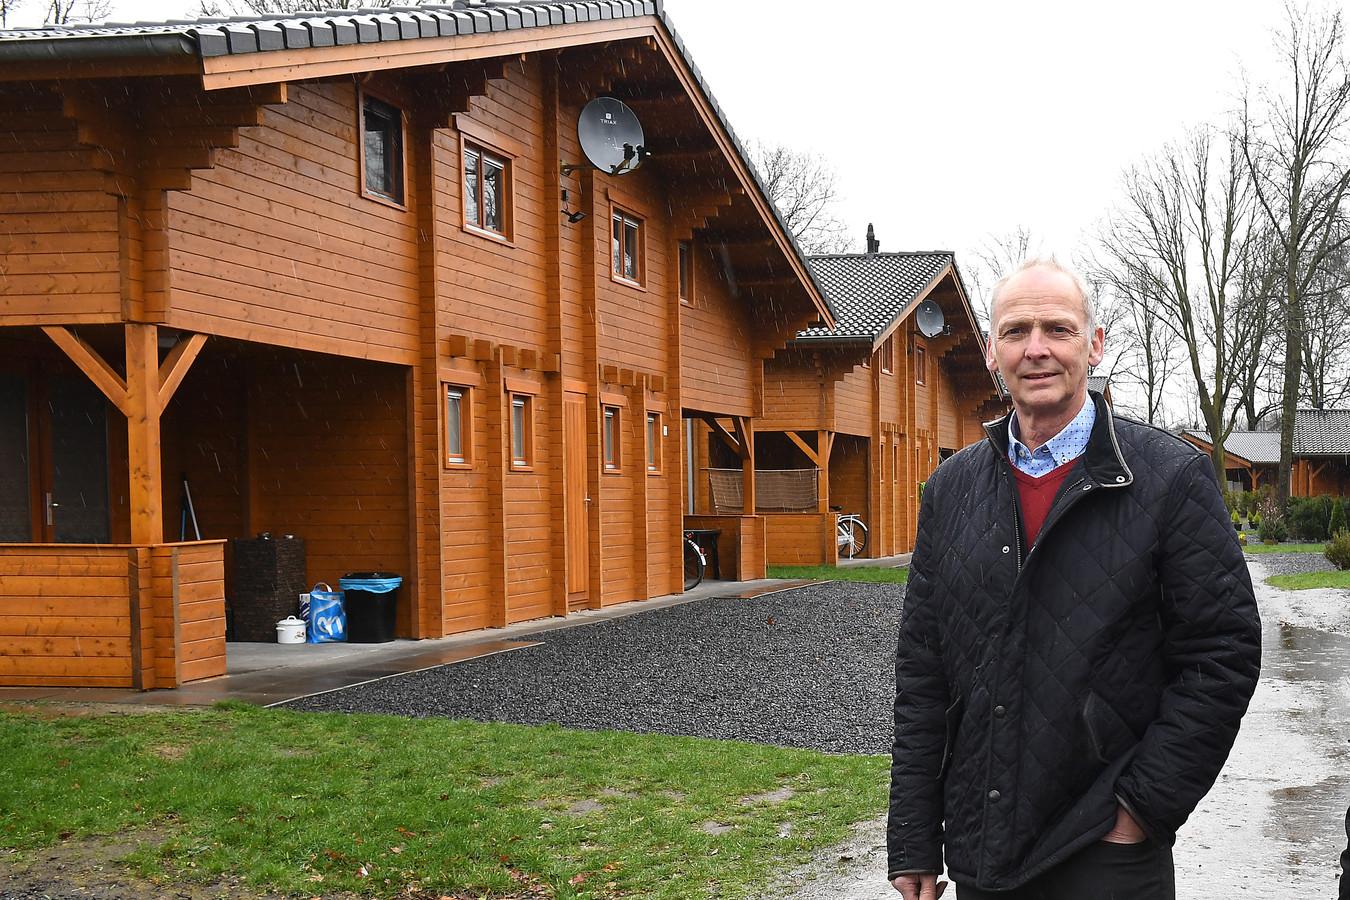 Erik van Heumen bij de chalets in Oirlo.